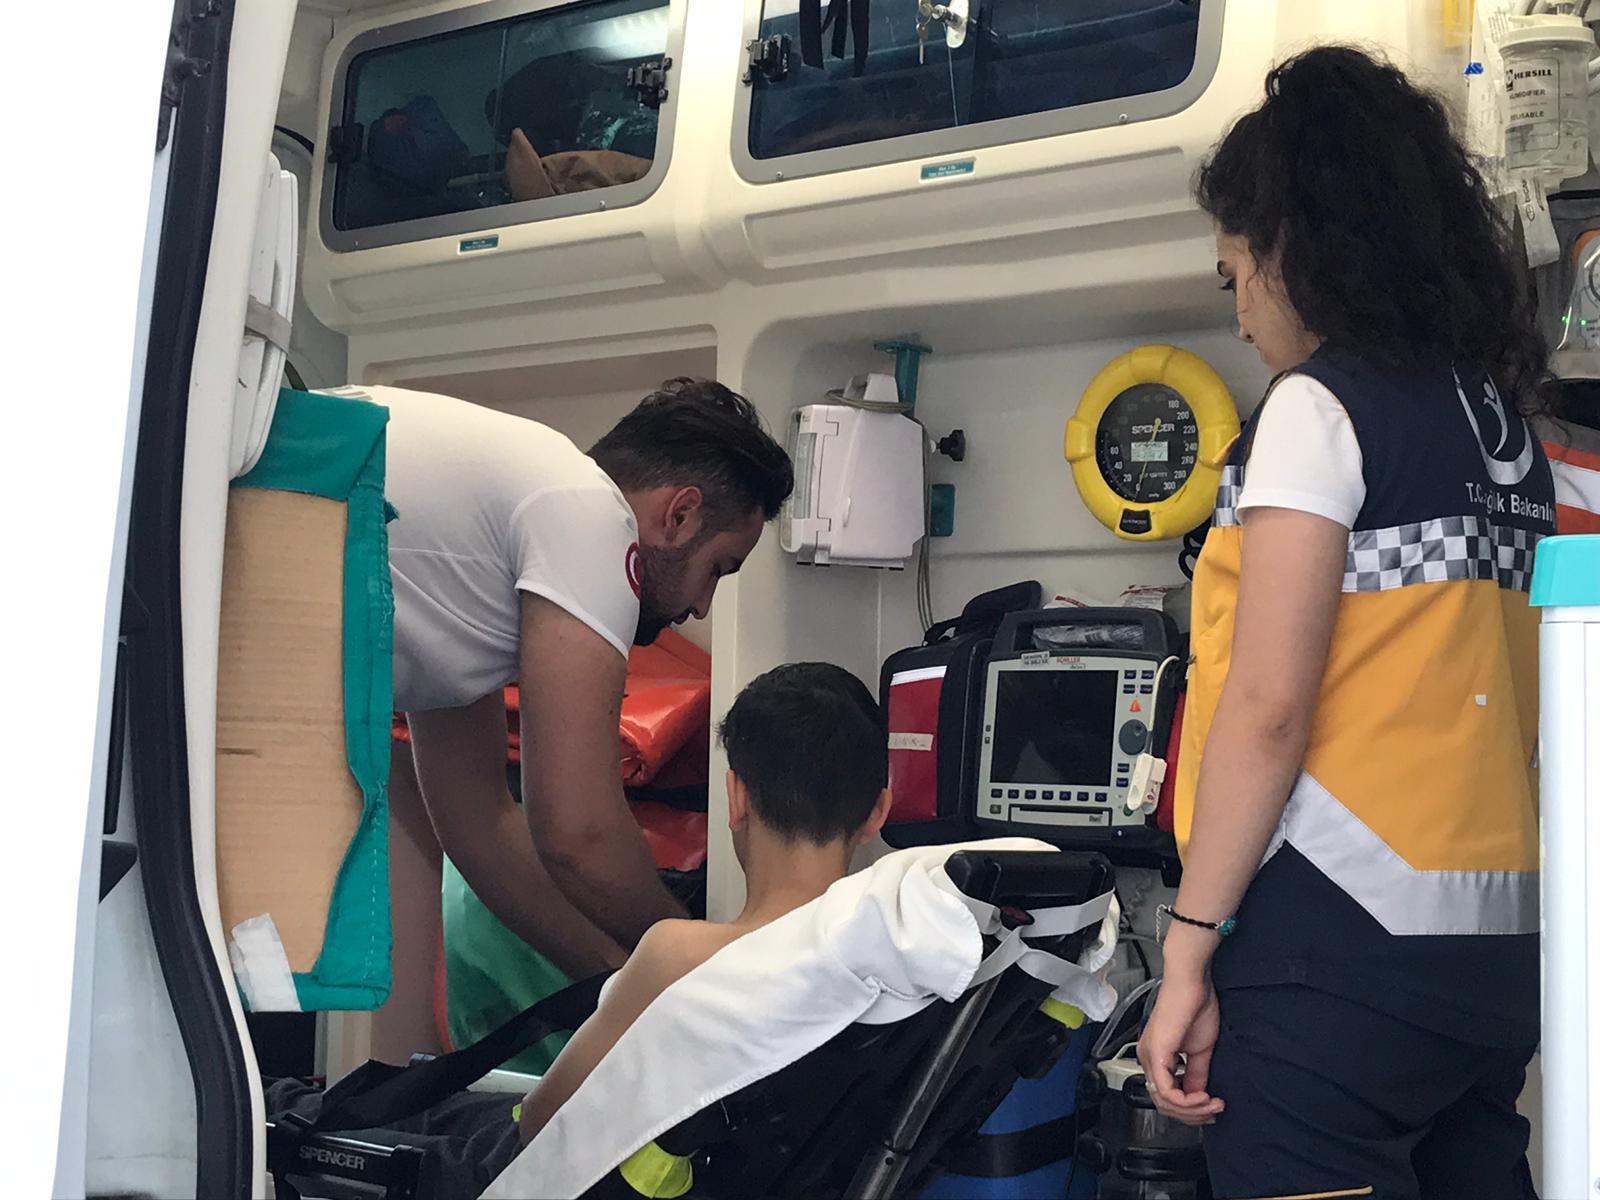 Trambolinden düşen çocuk yaralandı